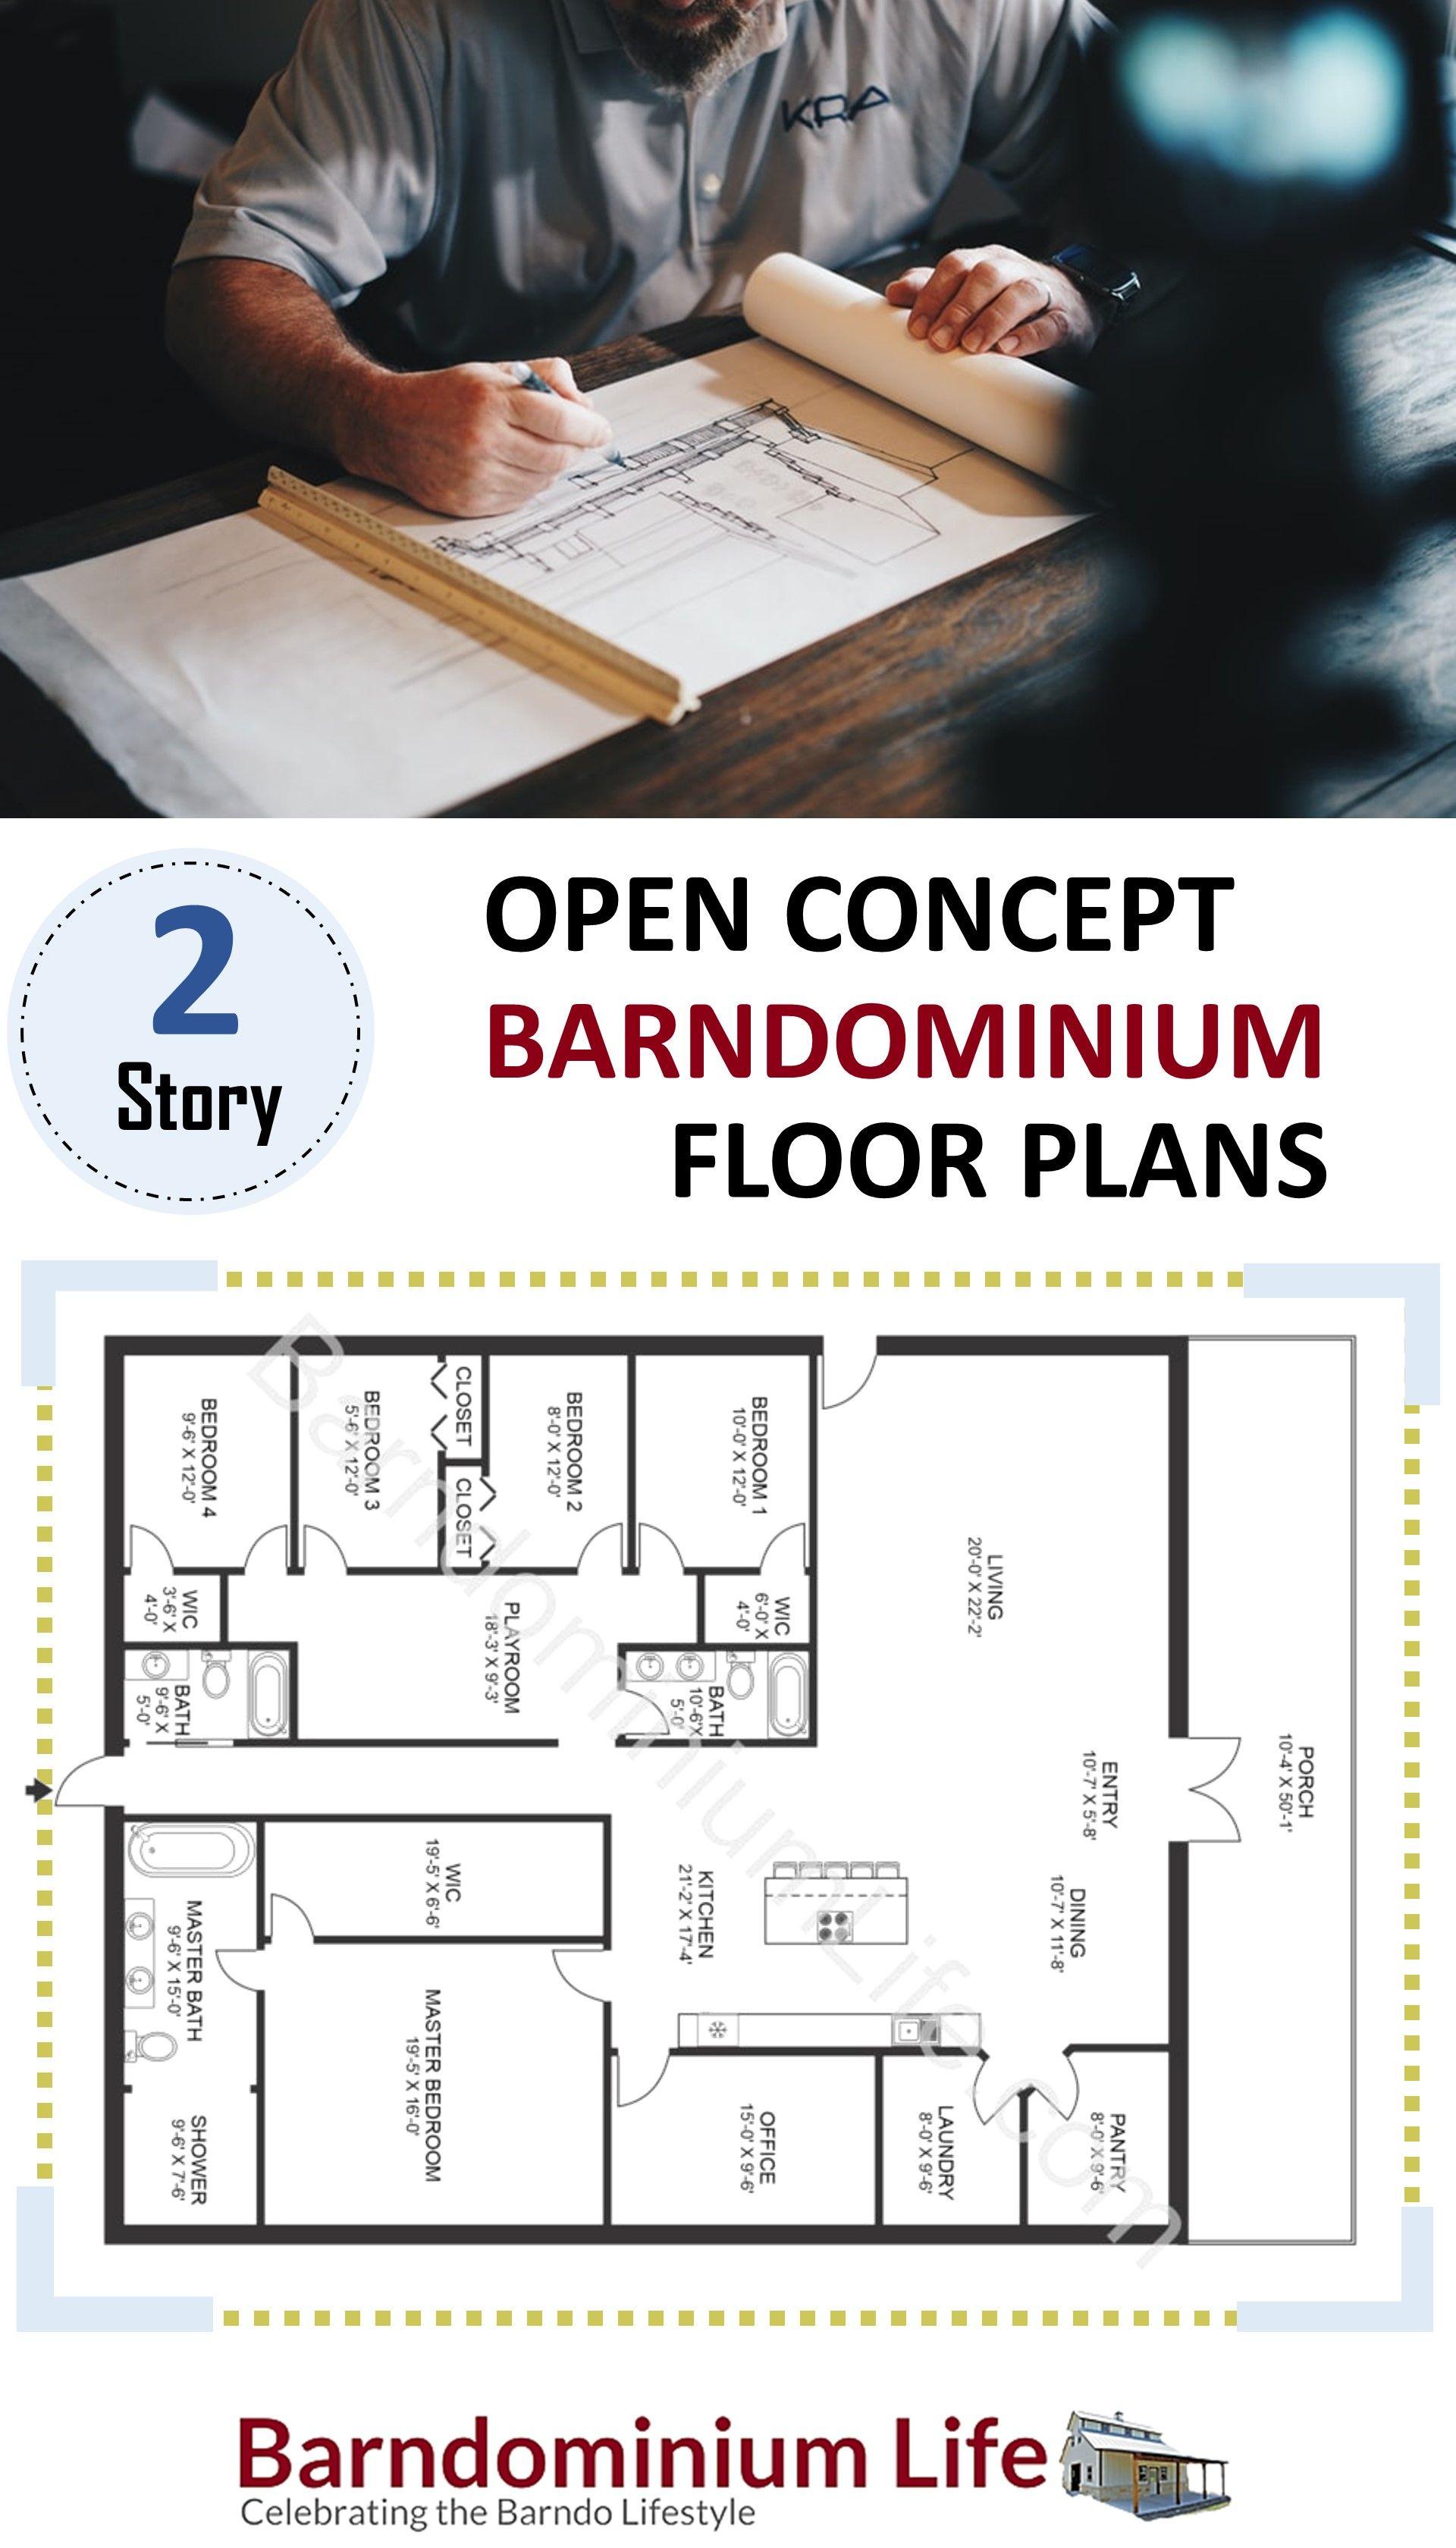 2 Story Open Concept Barndominium Floor Plans